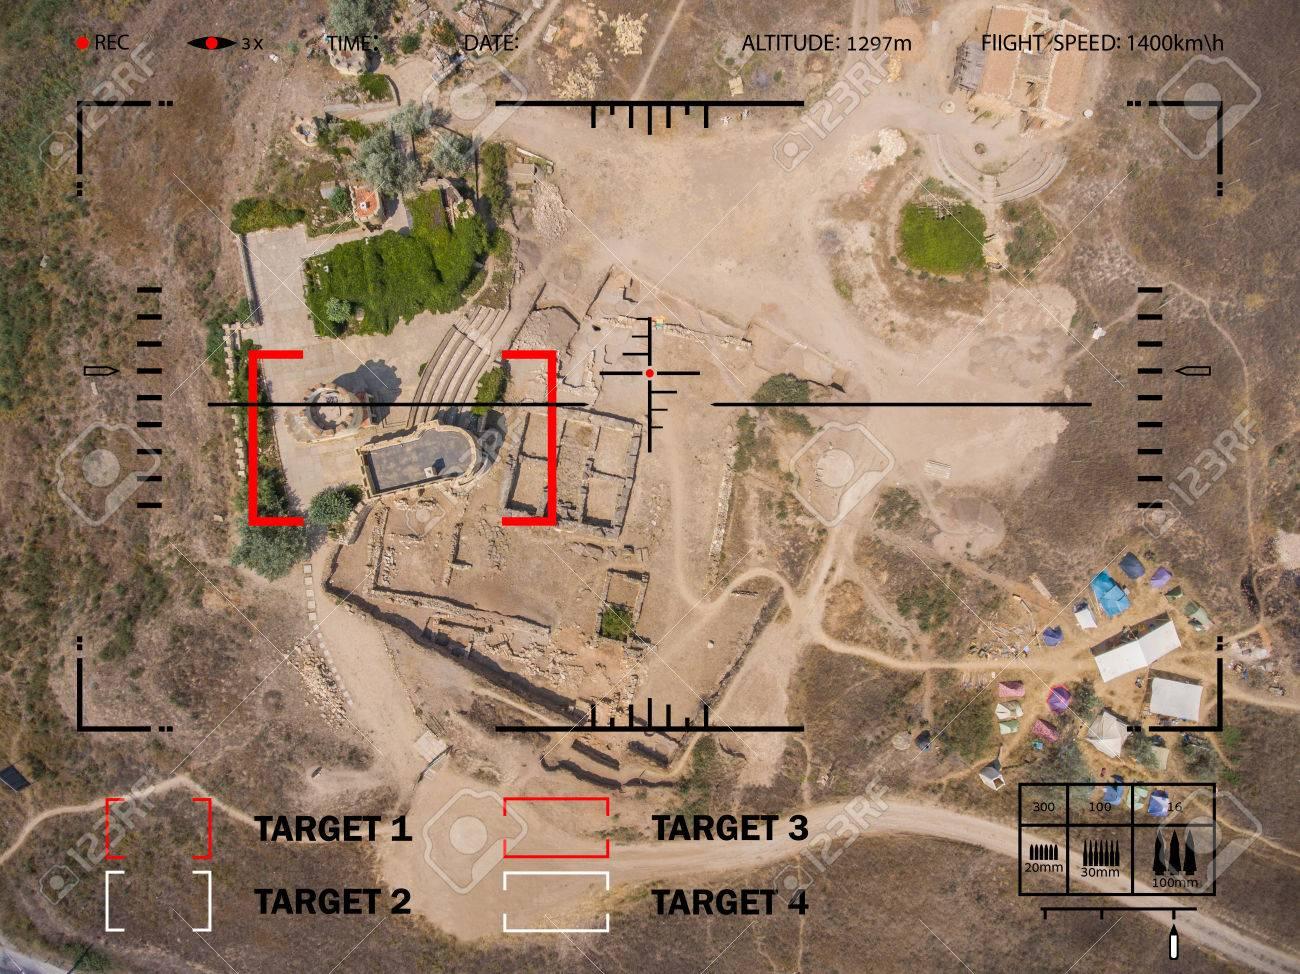 [Al Jazeera] Seguimiento de los desórdenes en Irak 64744190-con-el-objetivo-de-bombarderos-a-la-meta-en-el-desierto-avi%C3%B3n-visor-de-la-c%C3%A1mara-